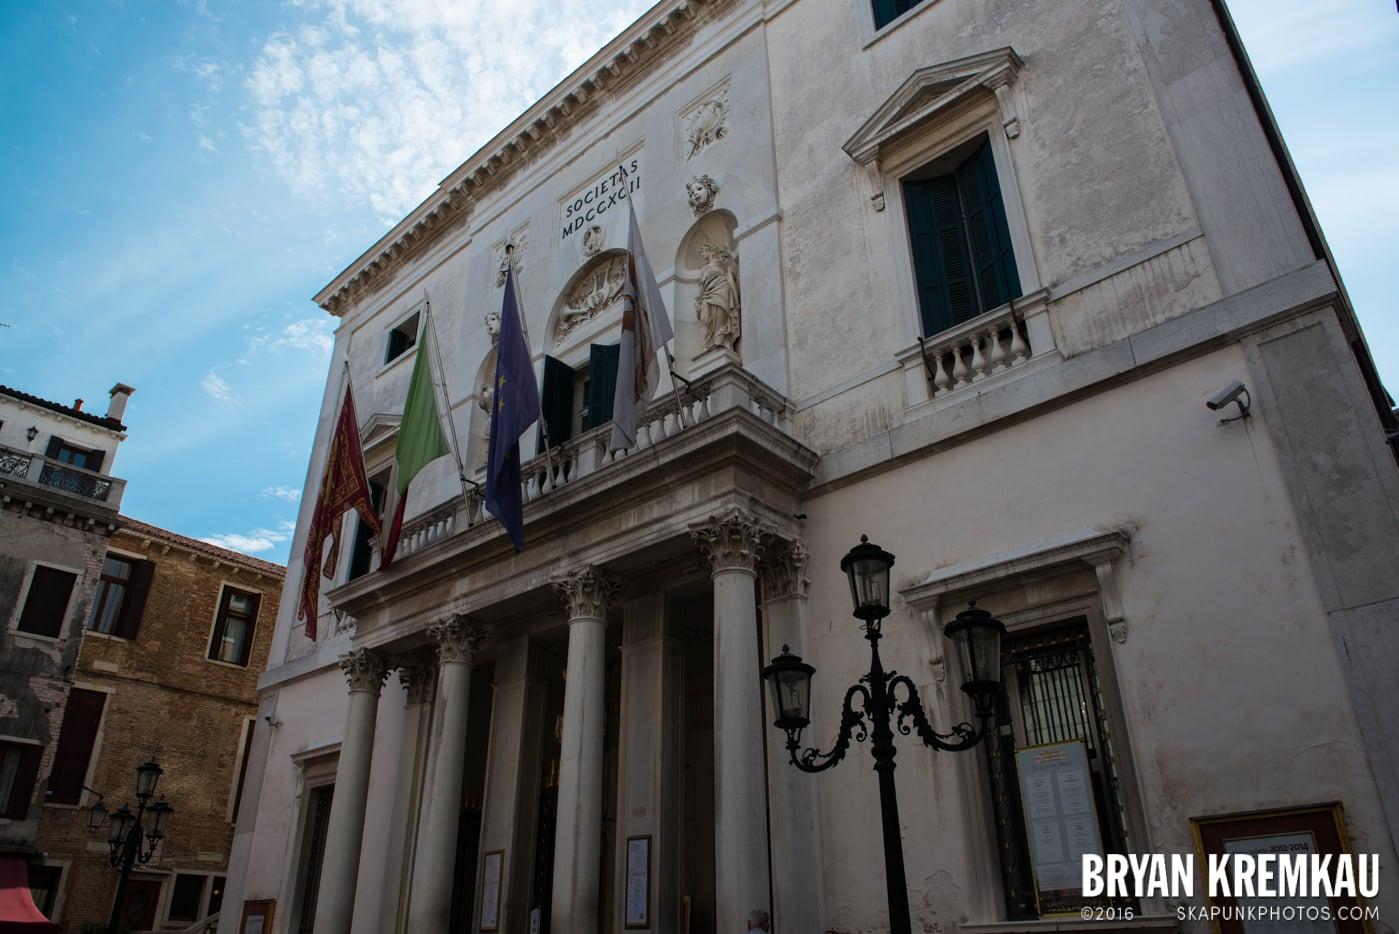 Italy Vacation - Day 5: Venice - 9.13.13 (40)